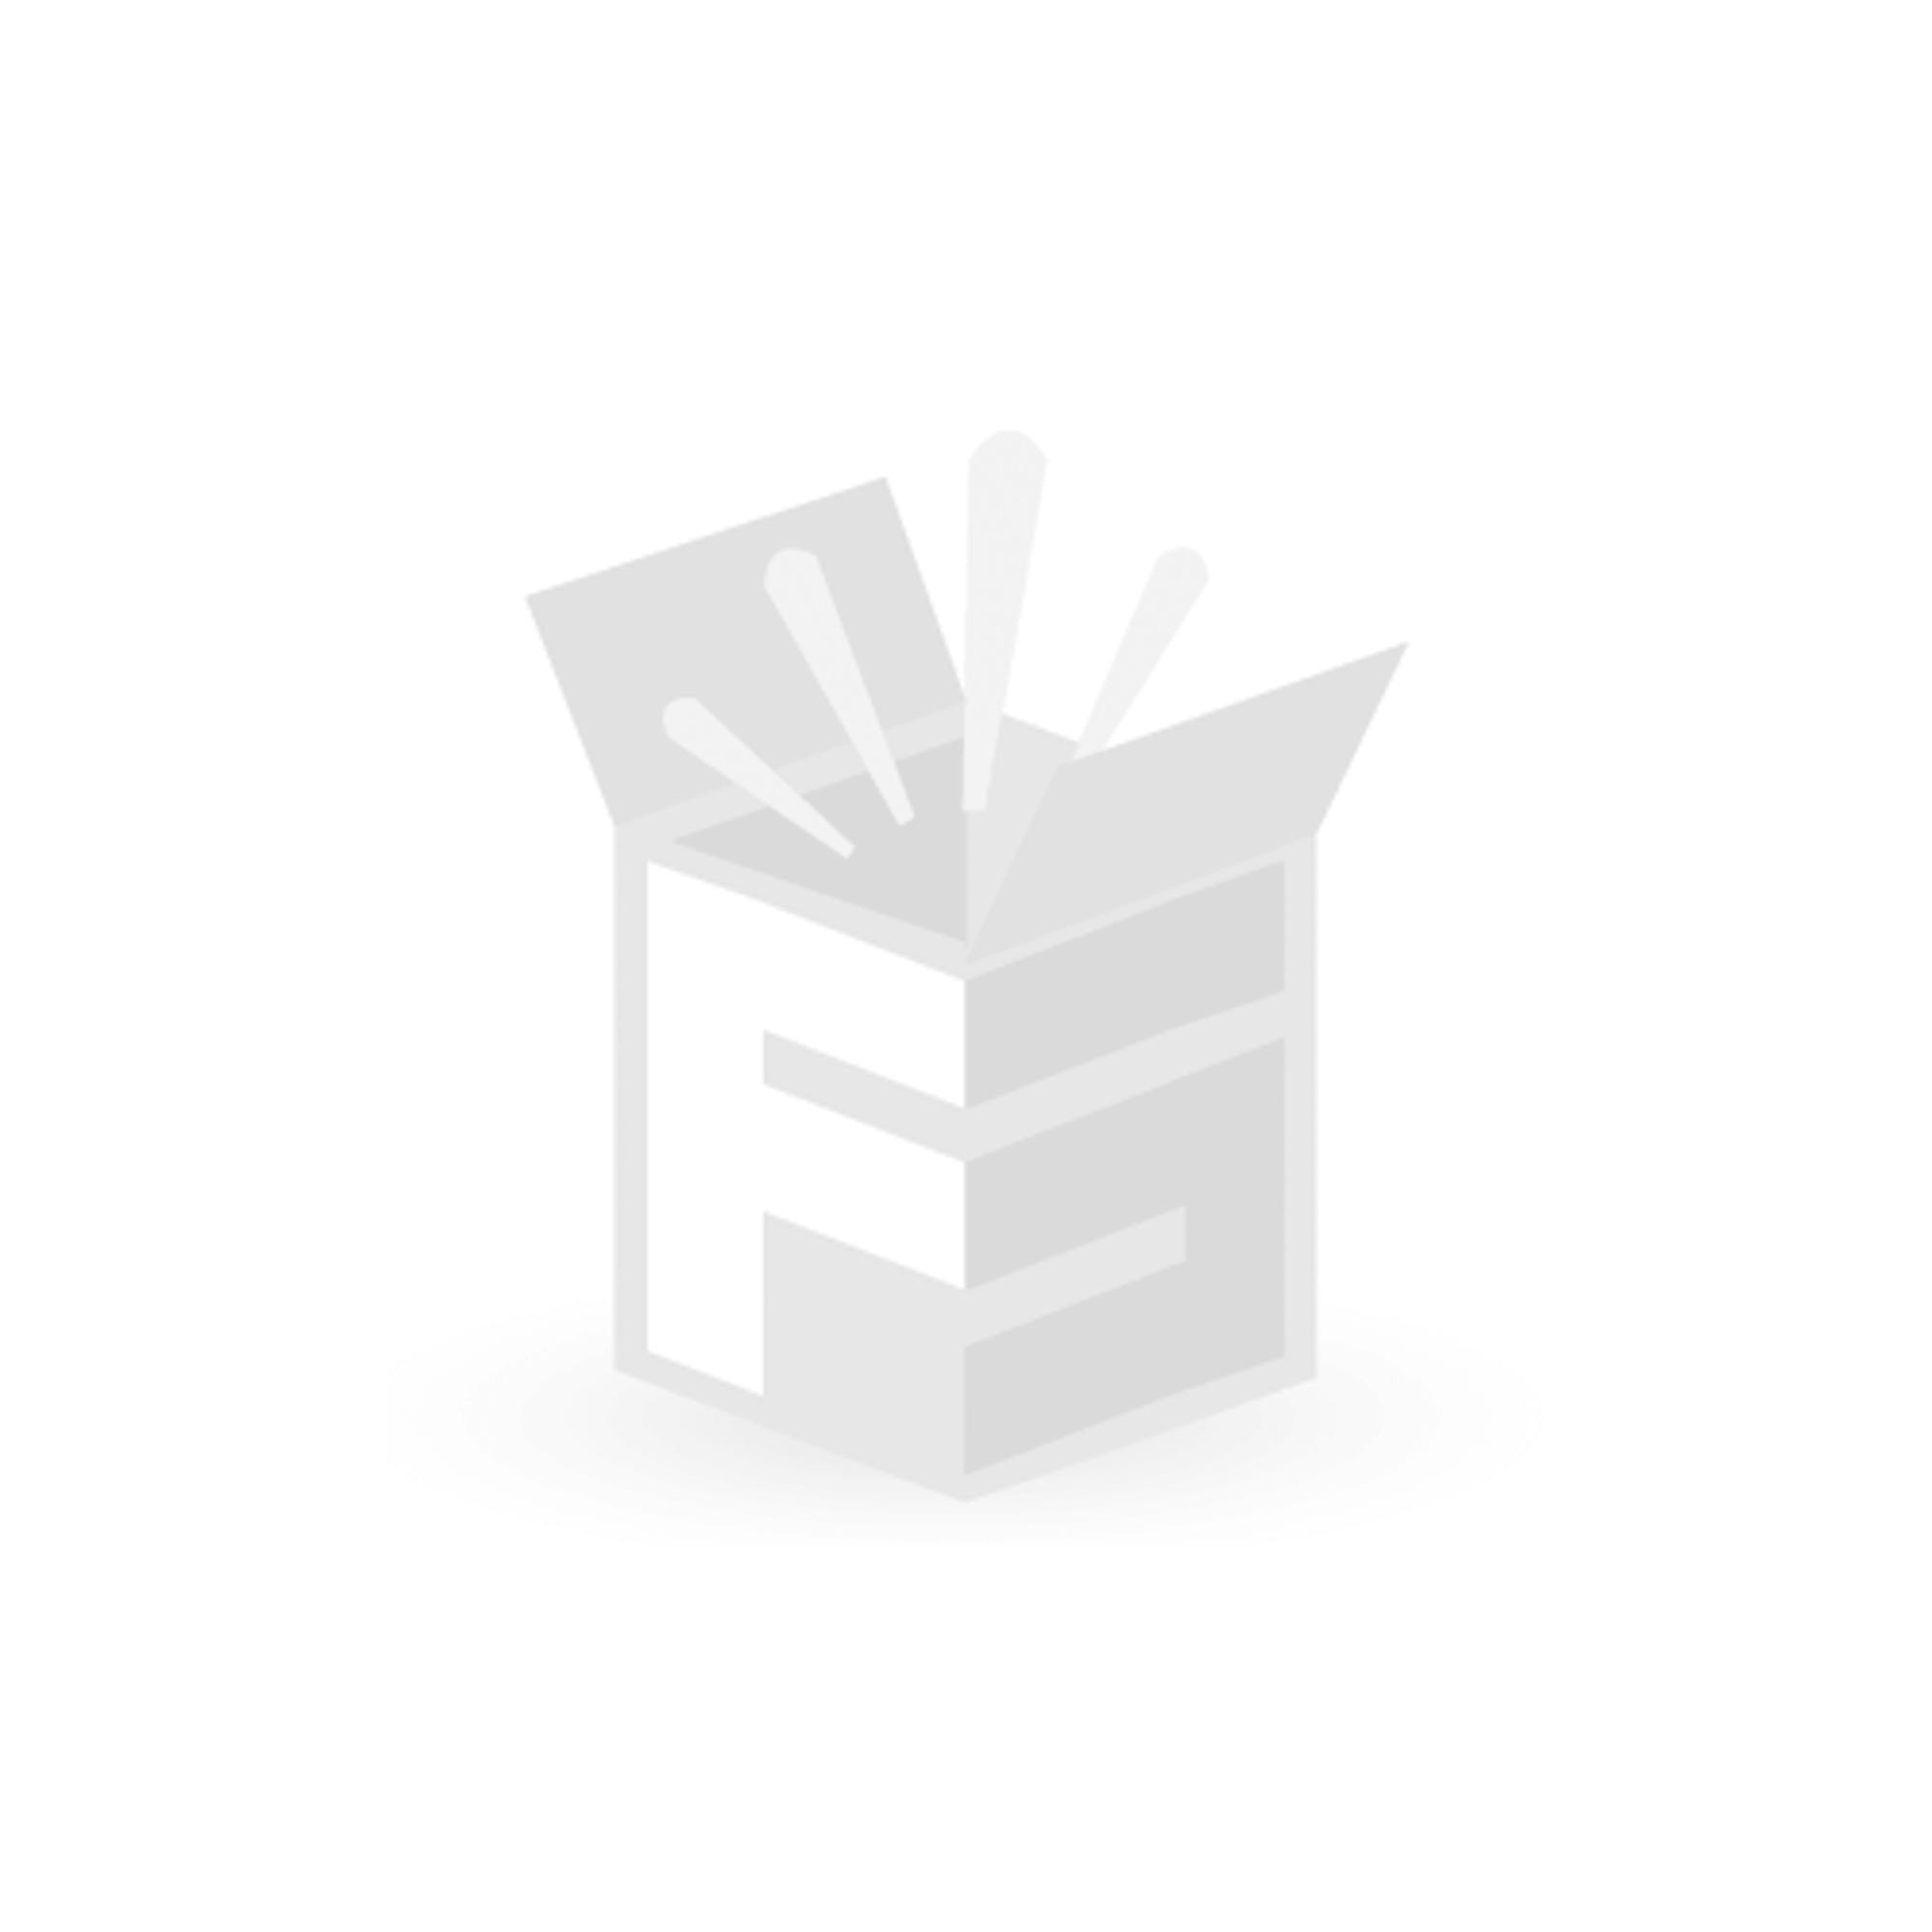 FS-STAR Holzspielzeug Bausteine 100-teilig